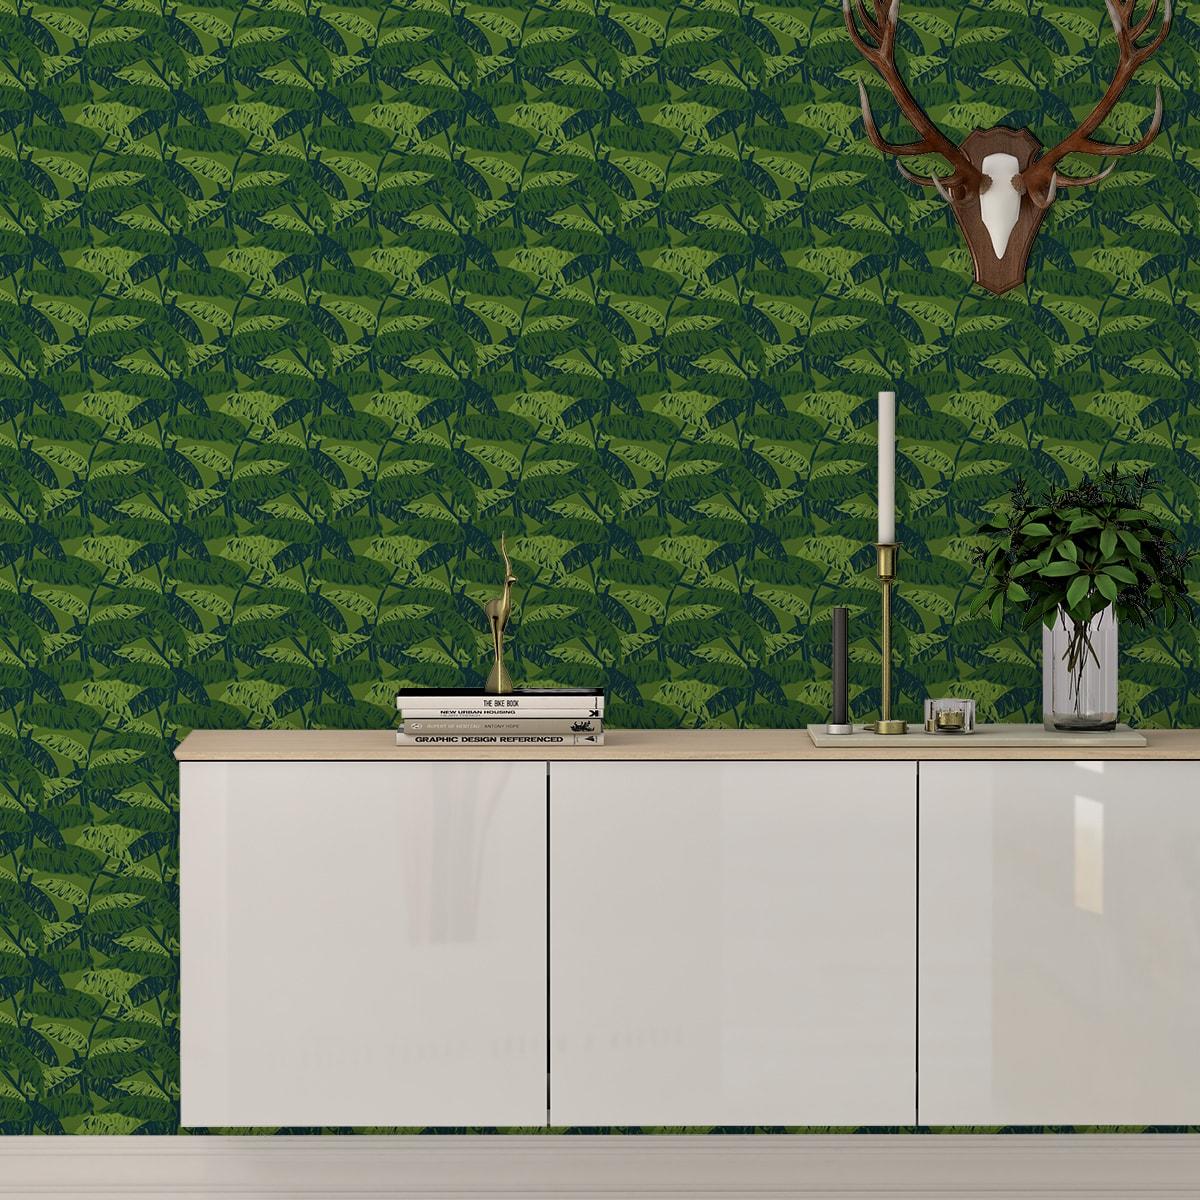 """Tapete für Büroräume grün: Moderne Tapete """"Wild Bananas"""" mit Blättern, grüne Vlies Tapete üppige Blumentapete für Flur, Büro"""